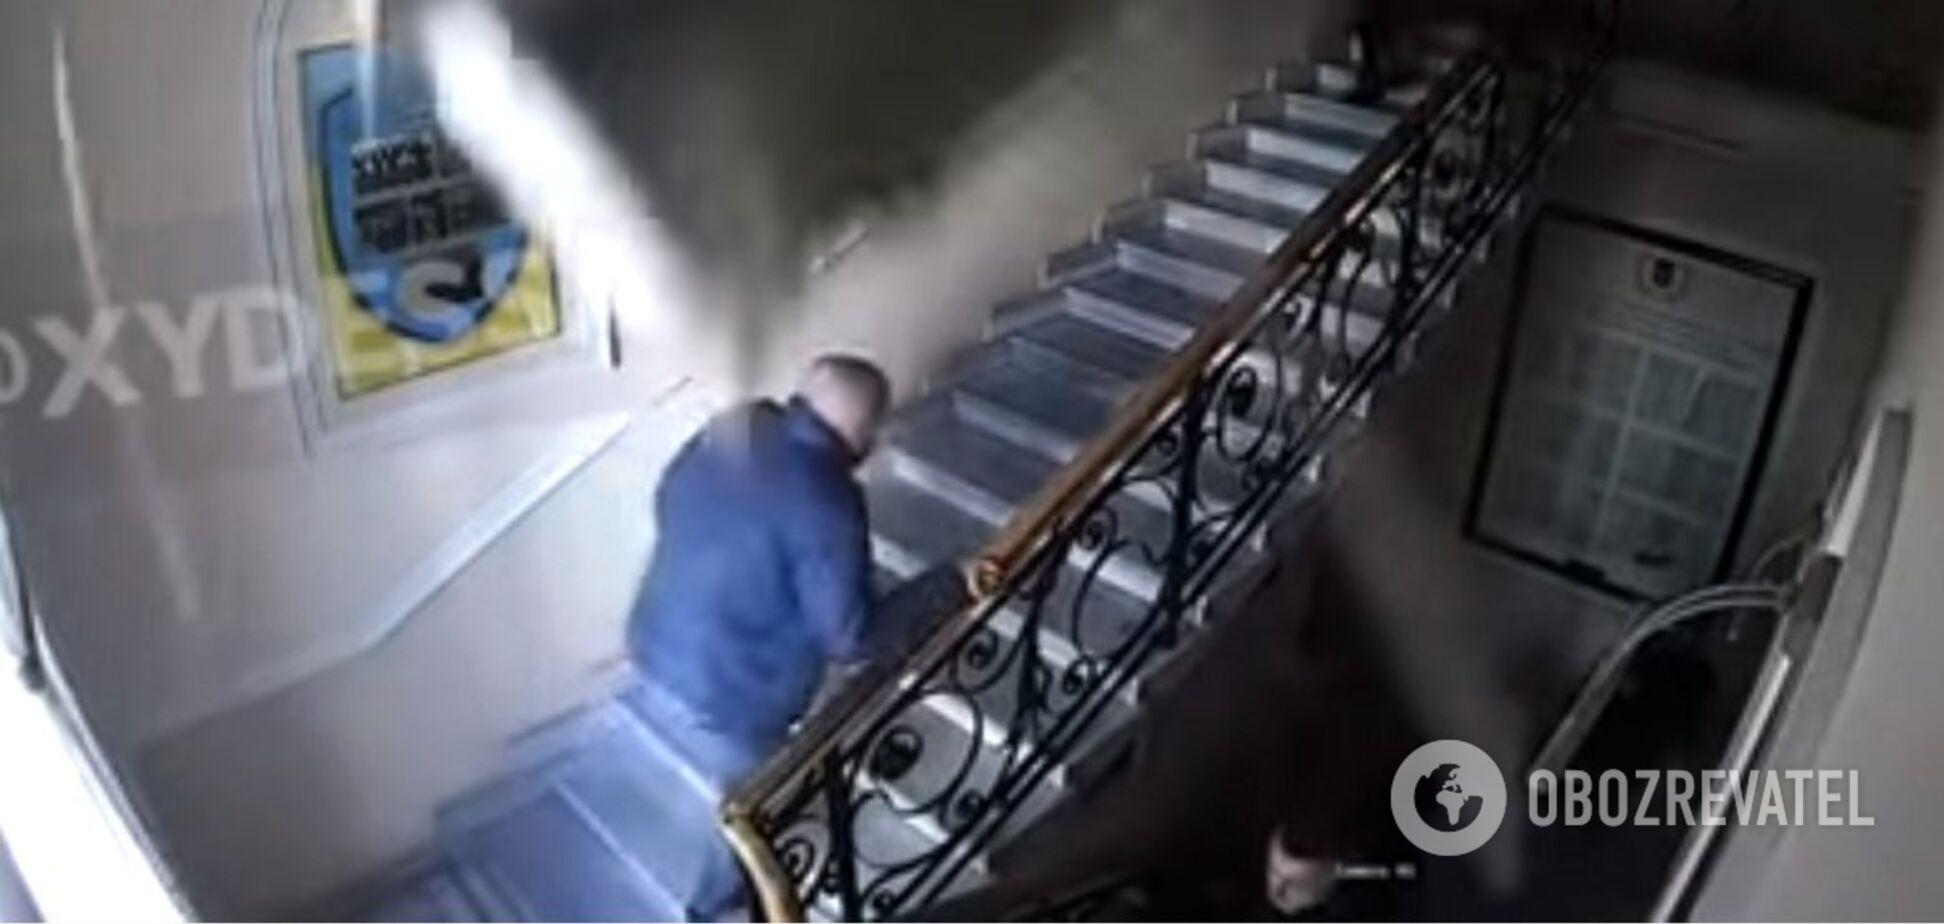 Люди спаслись чудом: появилось шокирующее видео обвала потолка в здании одесской полиции